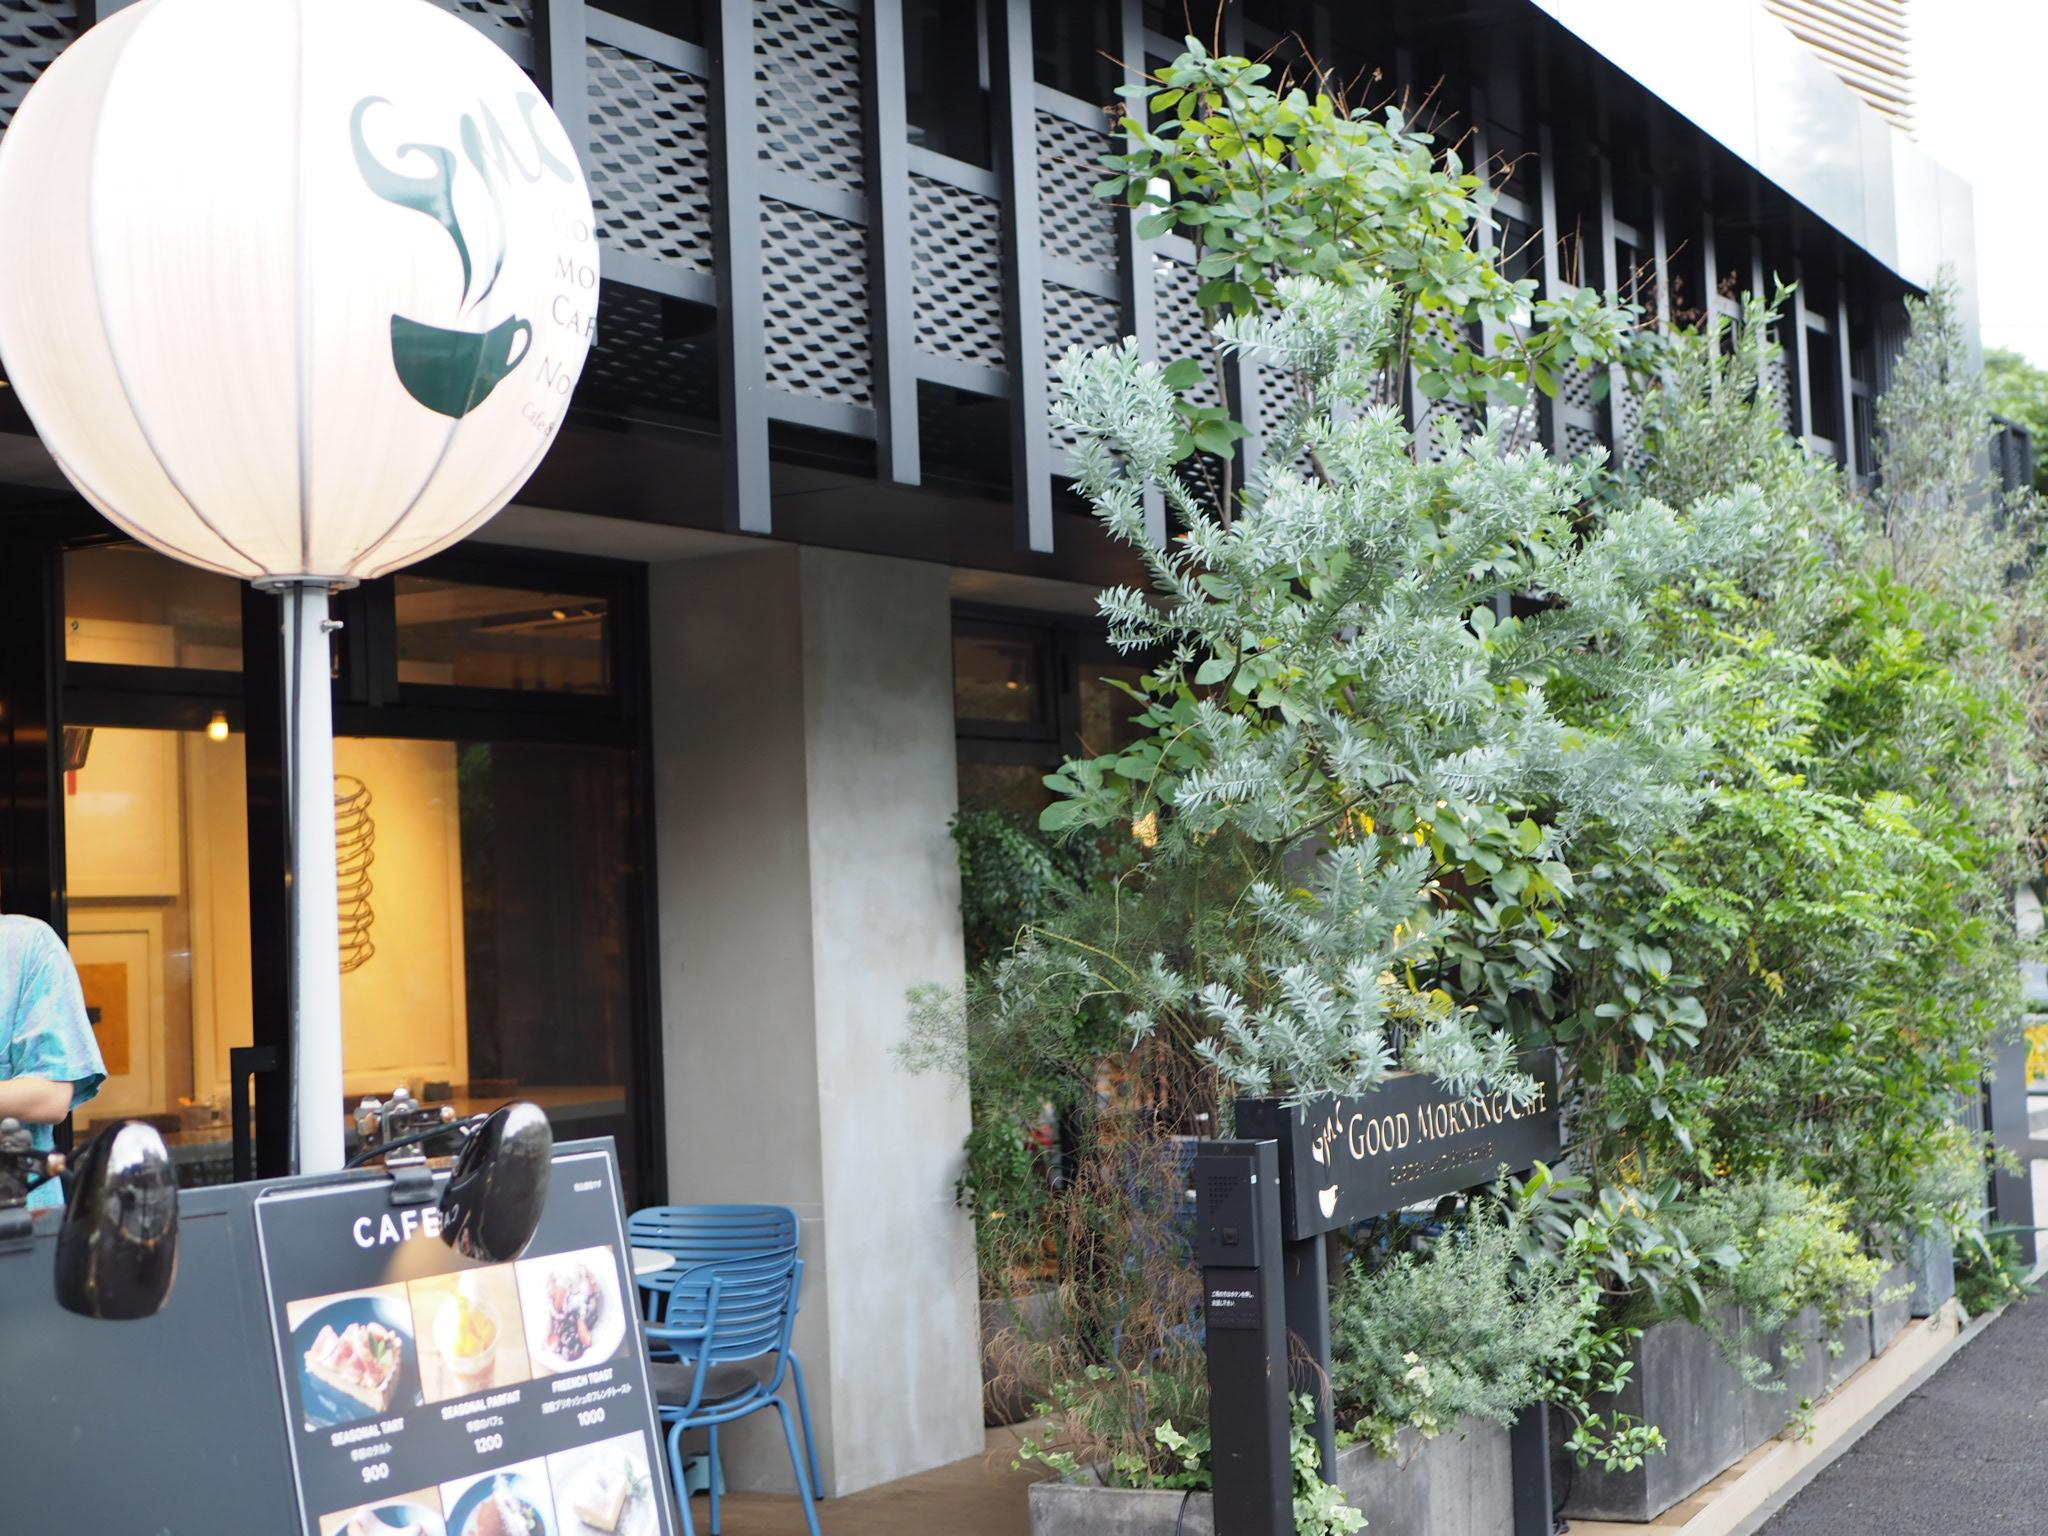 【千駄ヶ谷】「GOOD MORNING CAFE」のお洒落テラスLUNCH❃❃❃_10